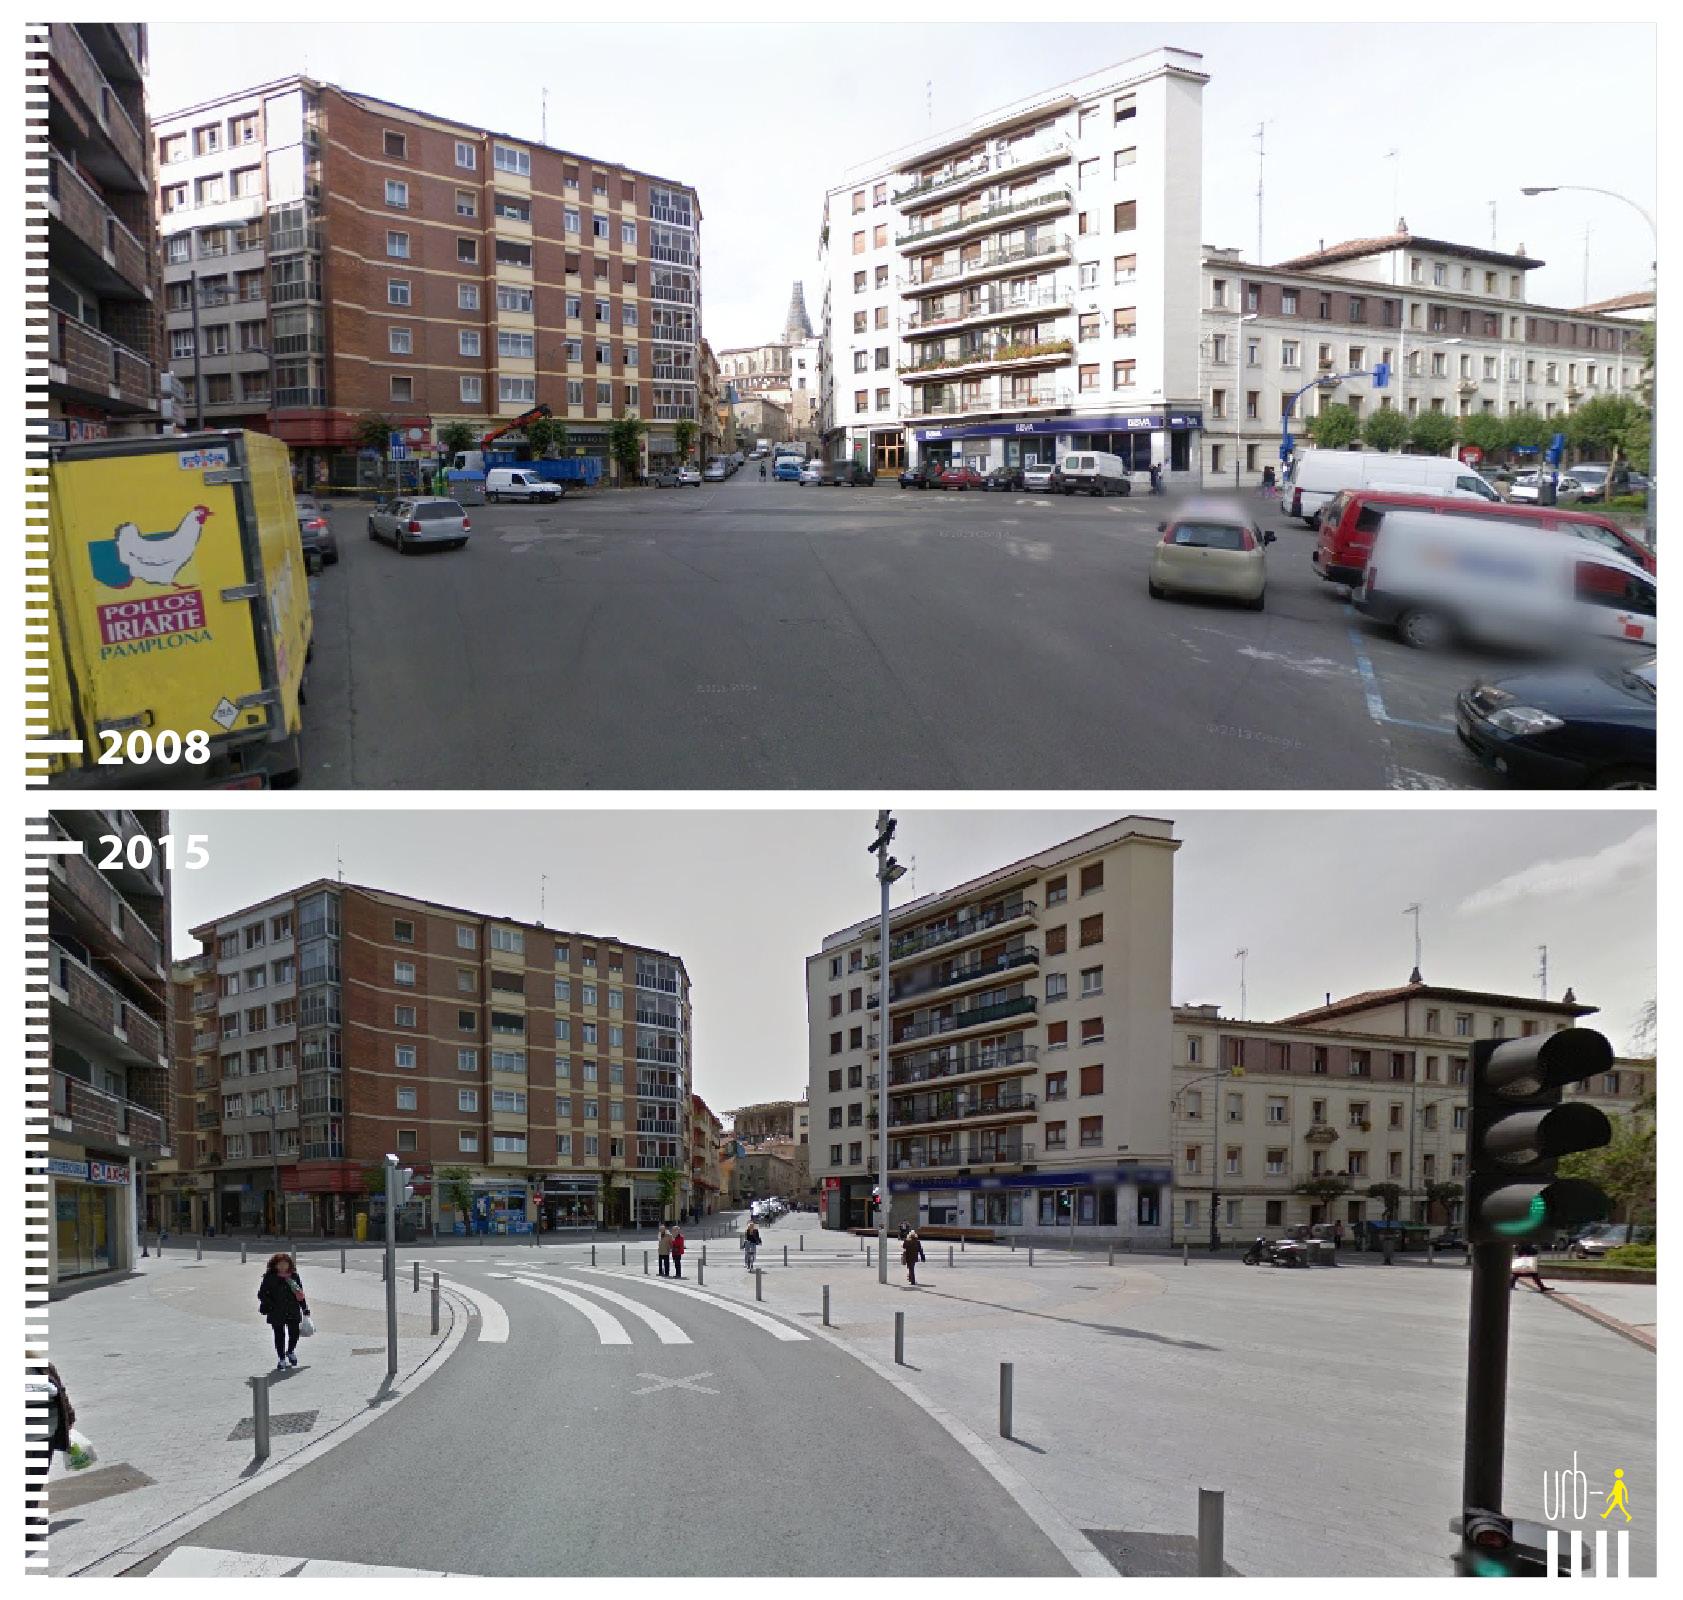 0175 ES Vitoria-Gasteiz Bilbao Plaza